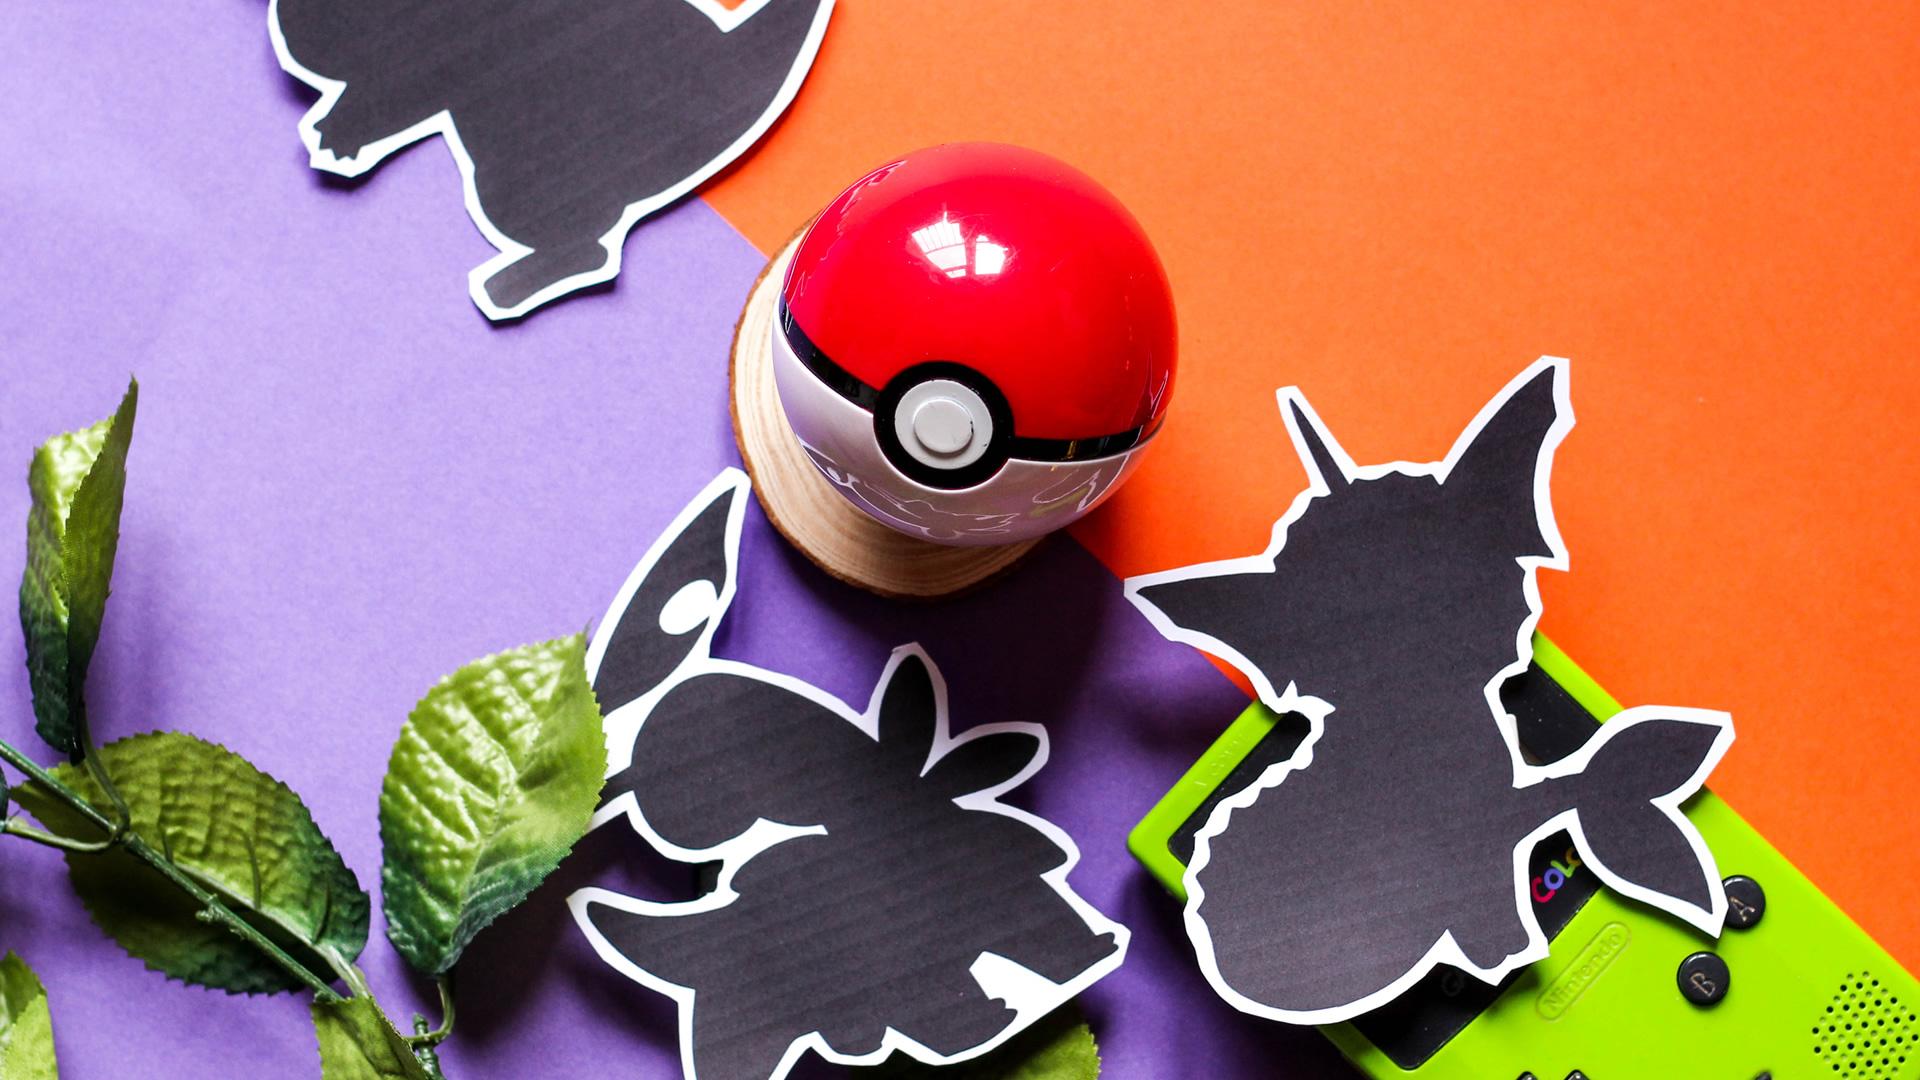 Take on our Who's that Pokémon? Quiz